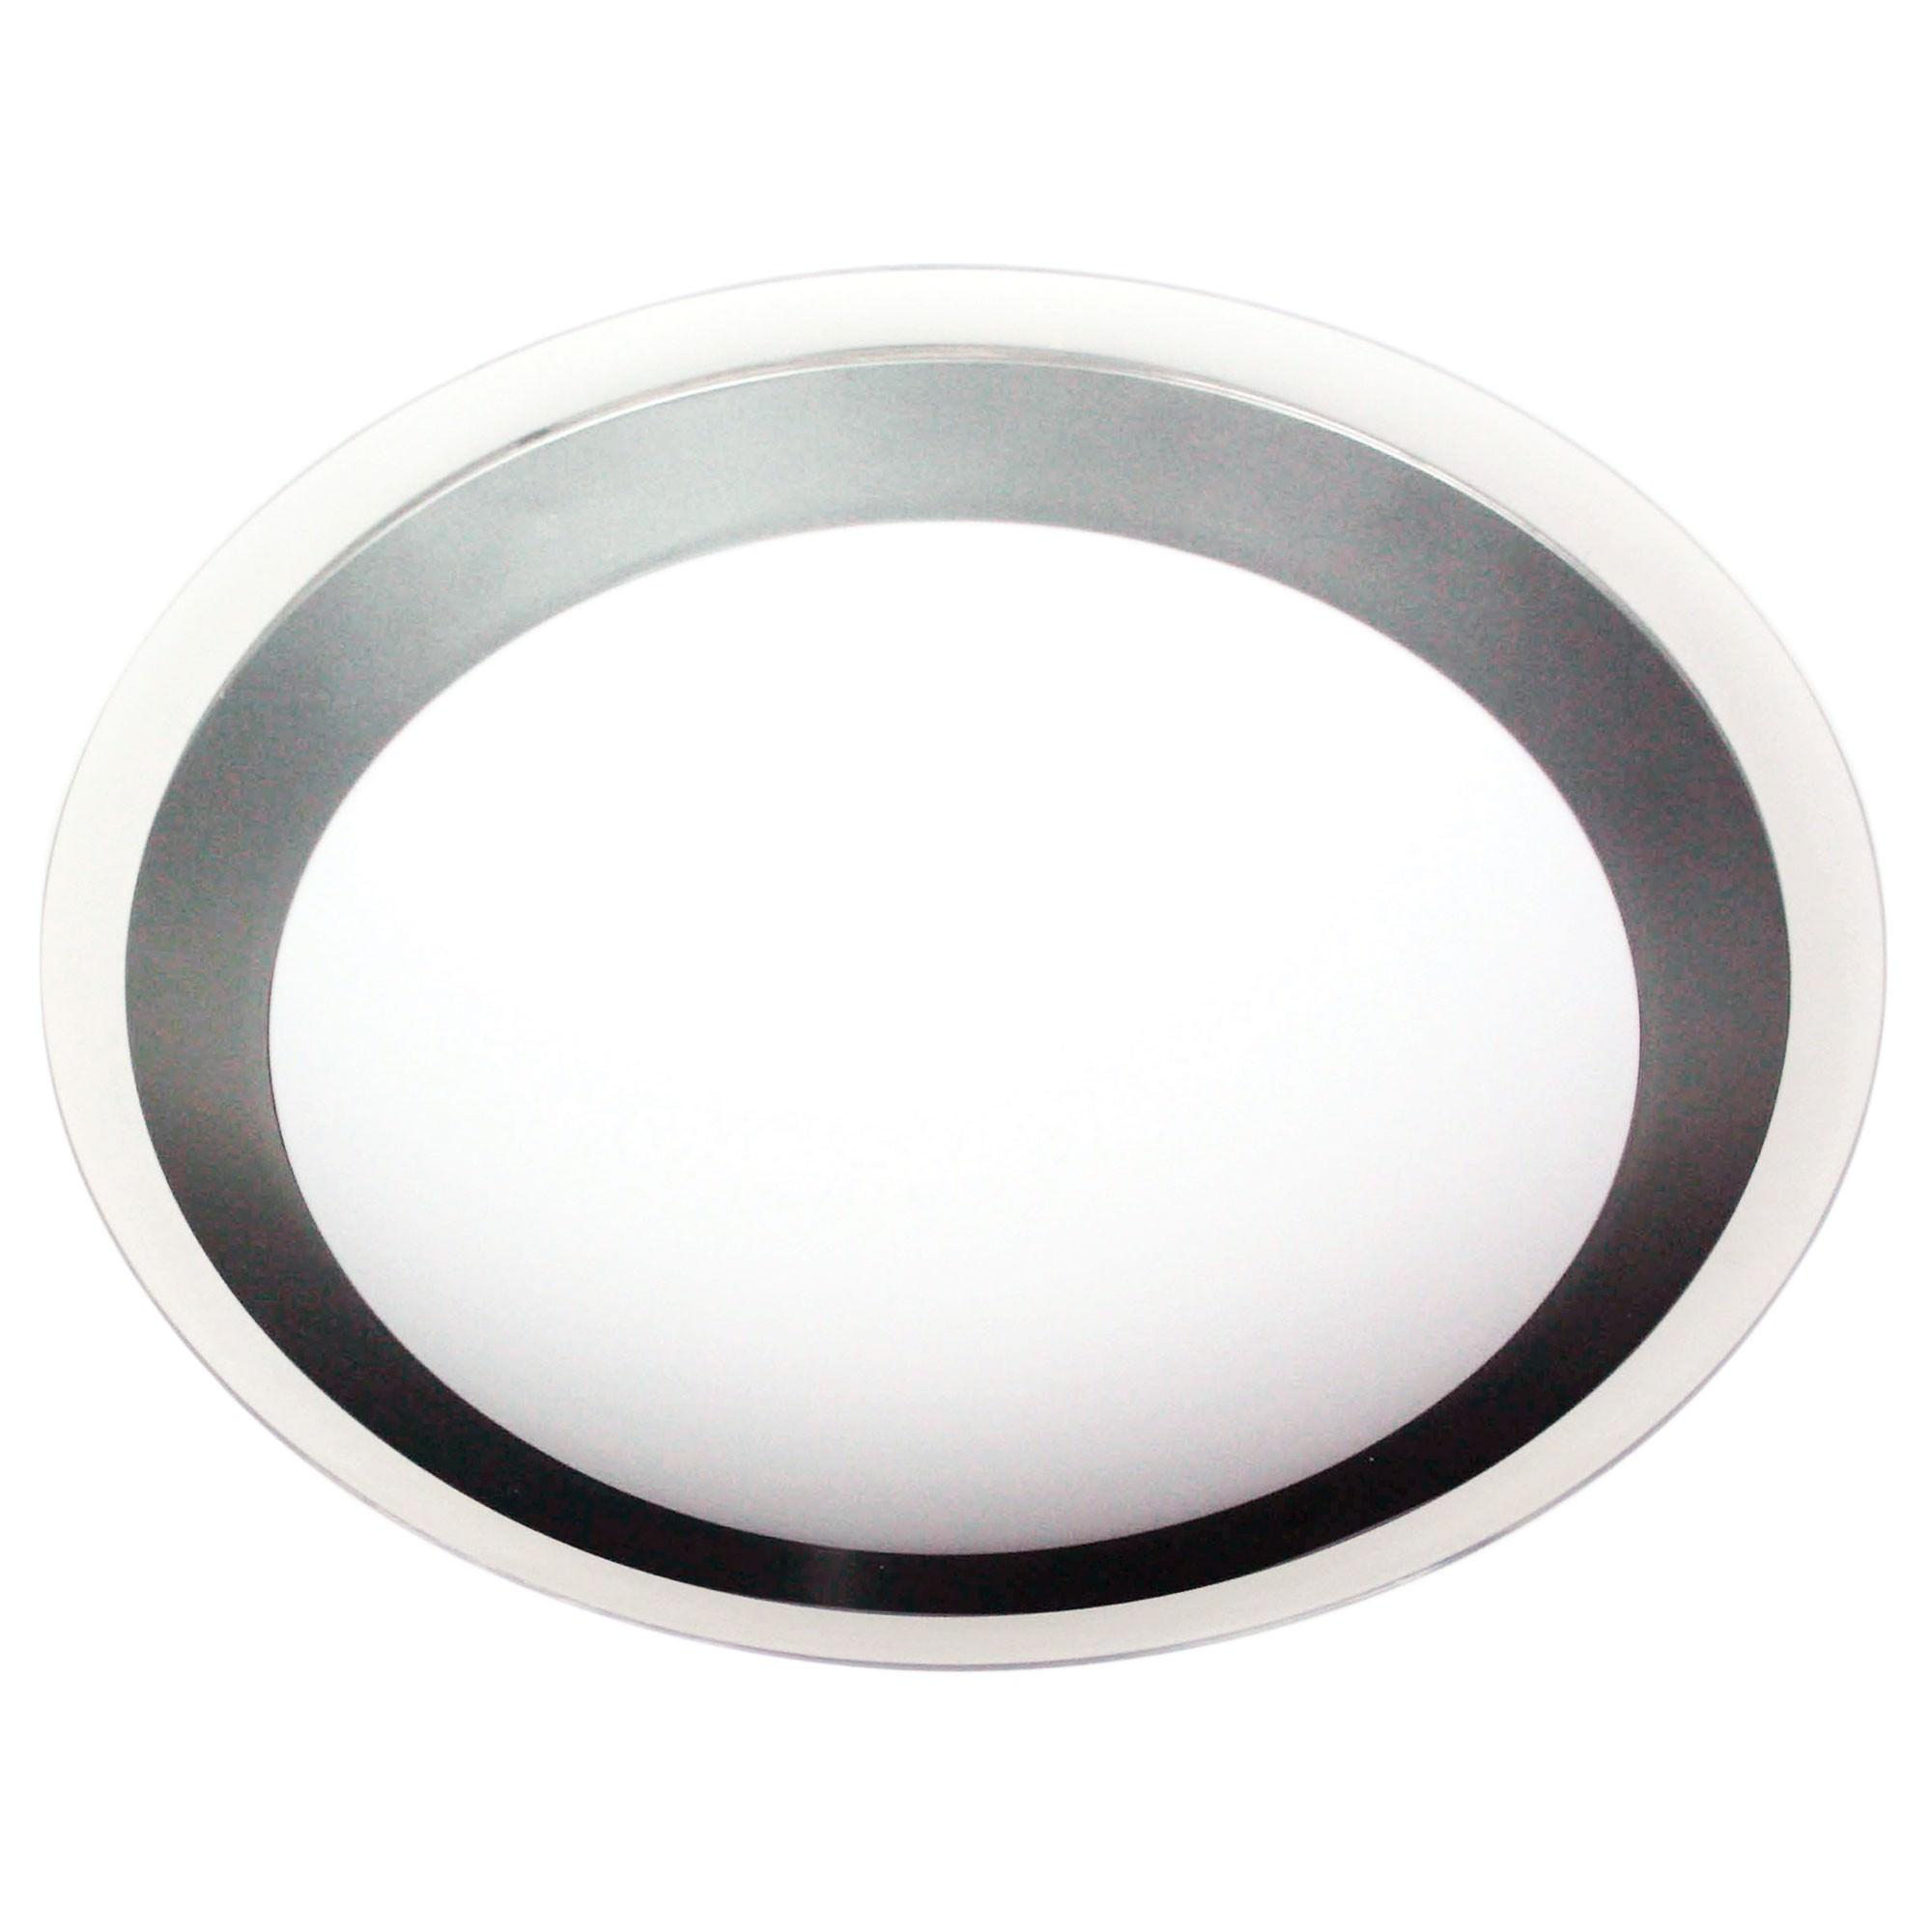 Vello LED Oyster Light, 4000K, 35cm